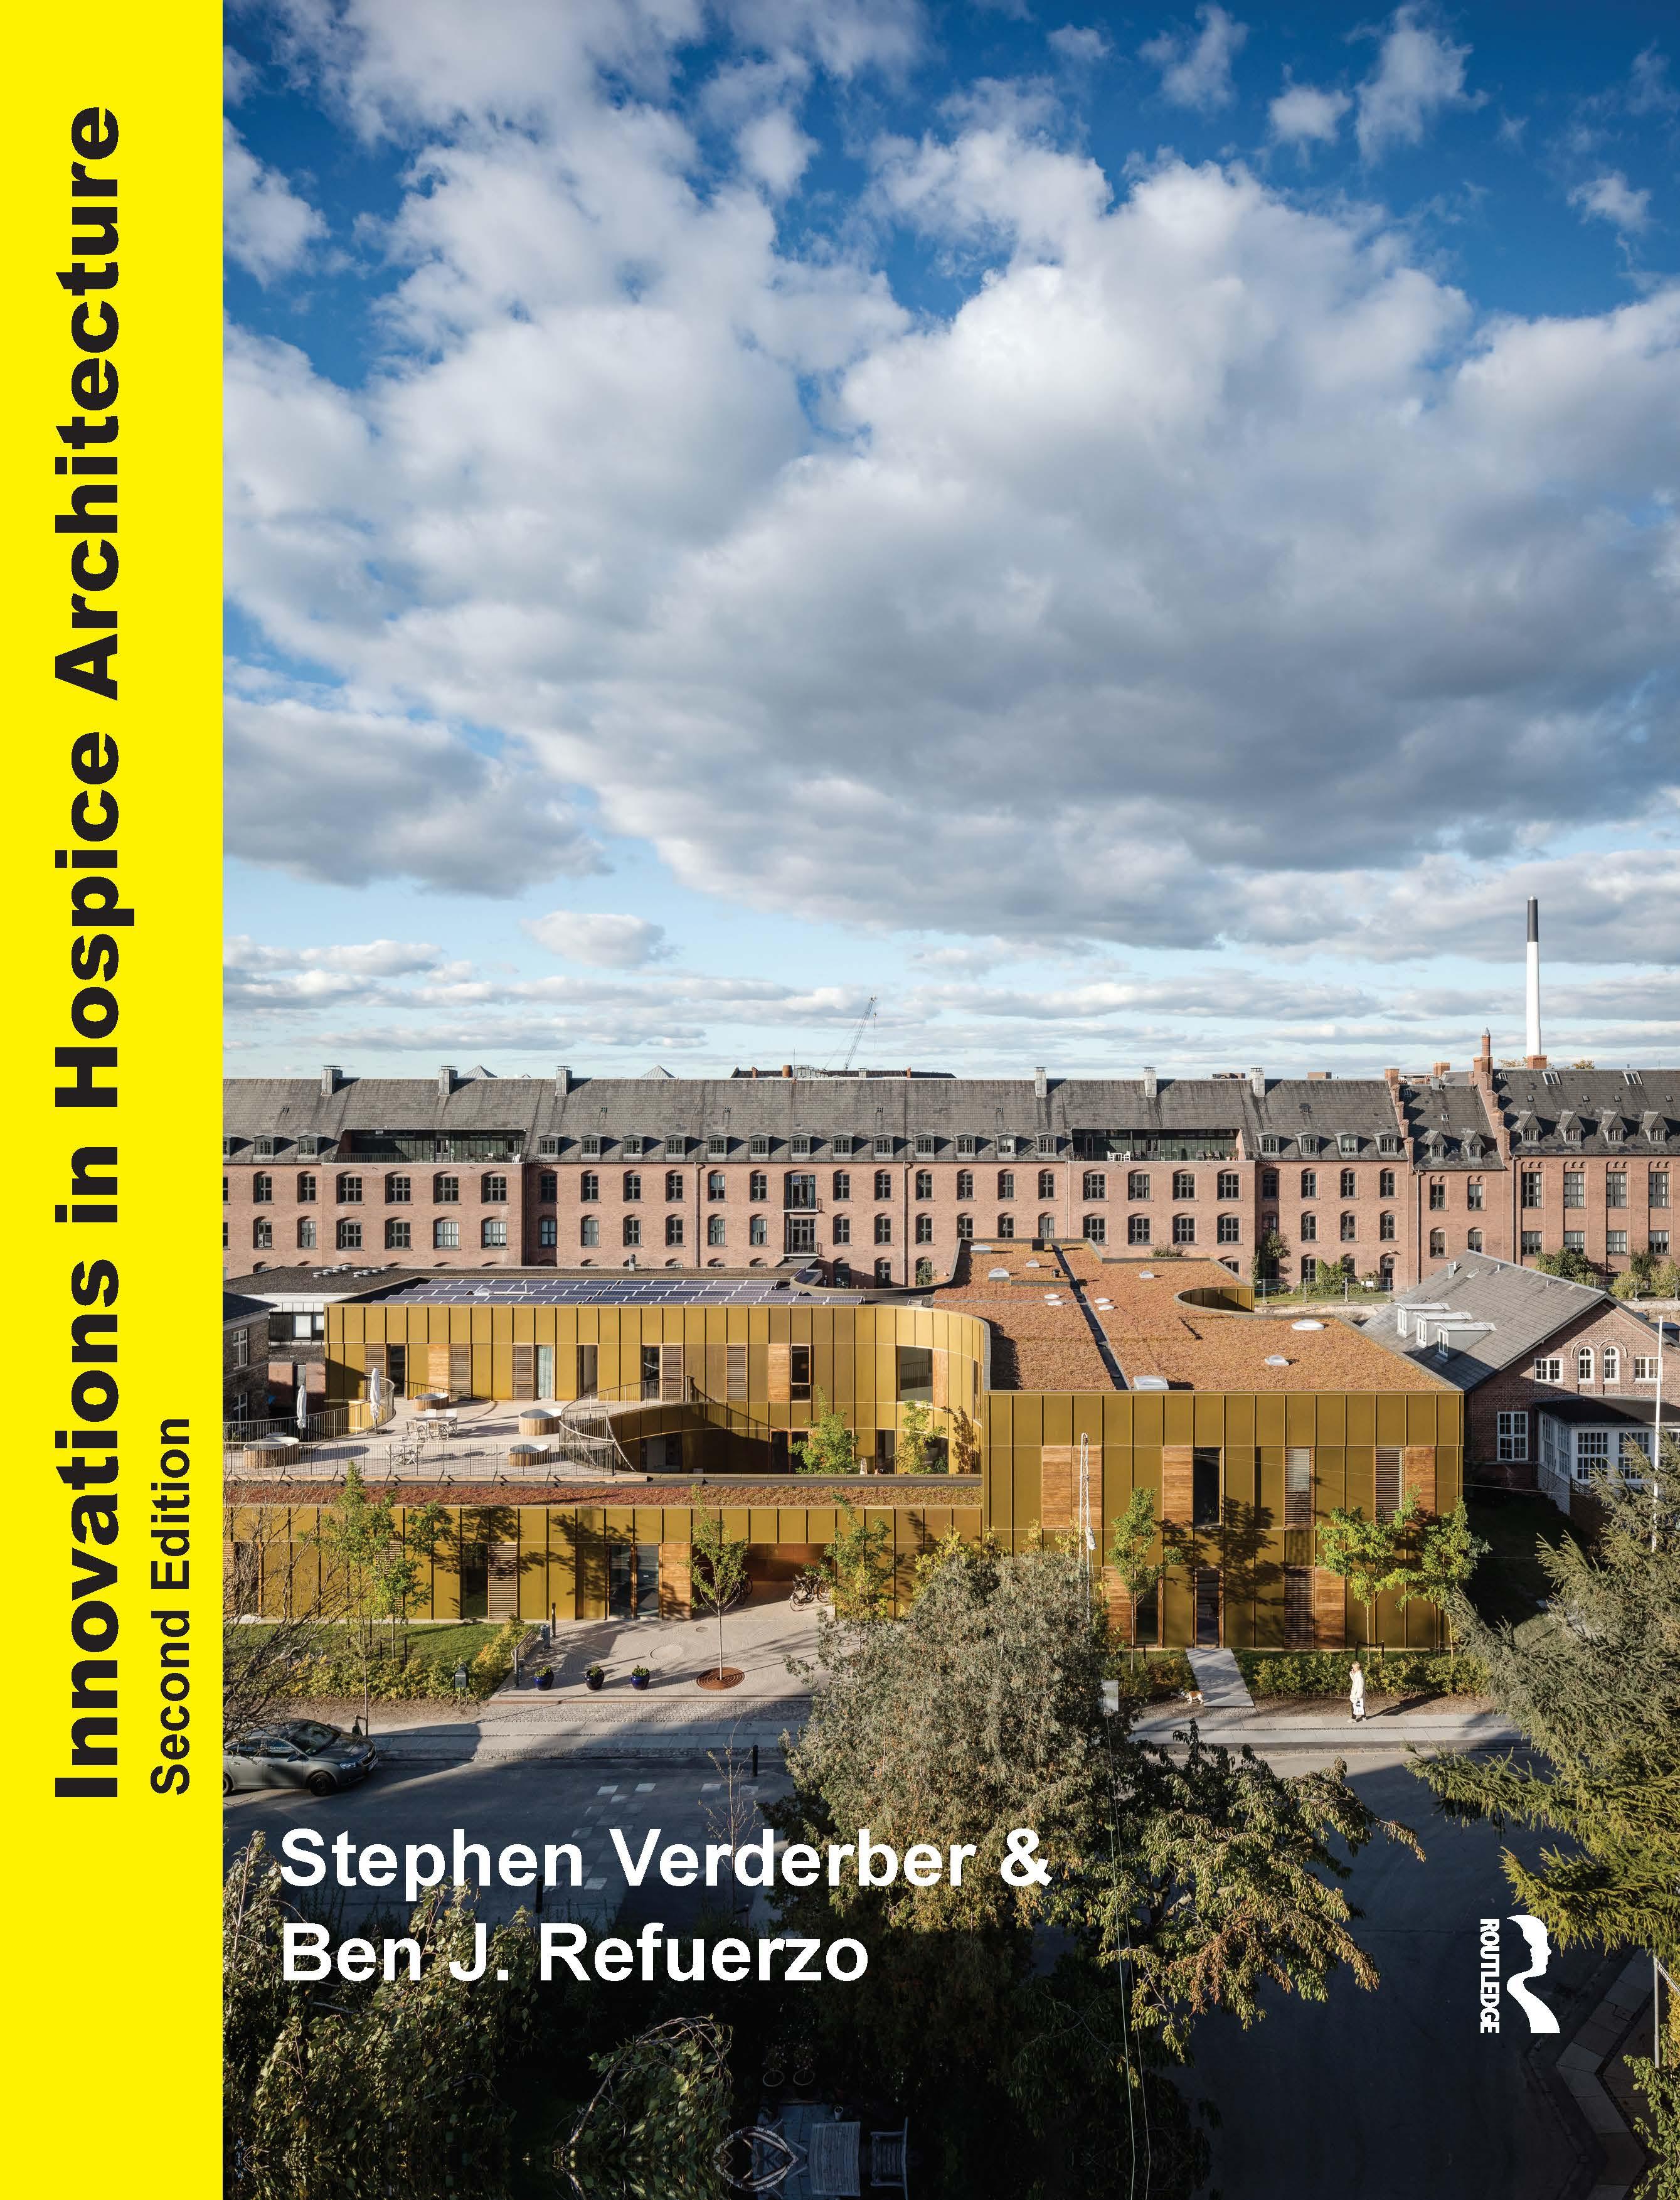 必威彩票注册登陆nnovations in 必威彩票注册登陆ospice 必威彩票注册登陆rchitecture book cover